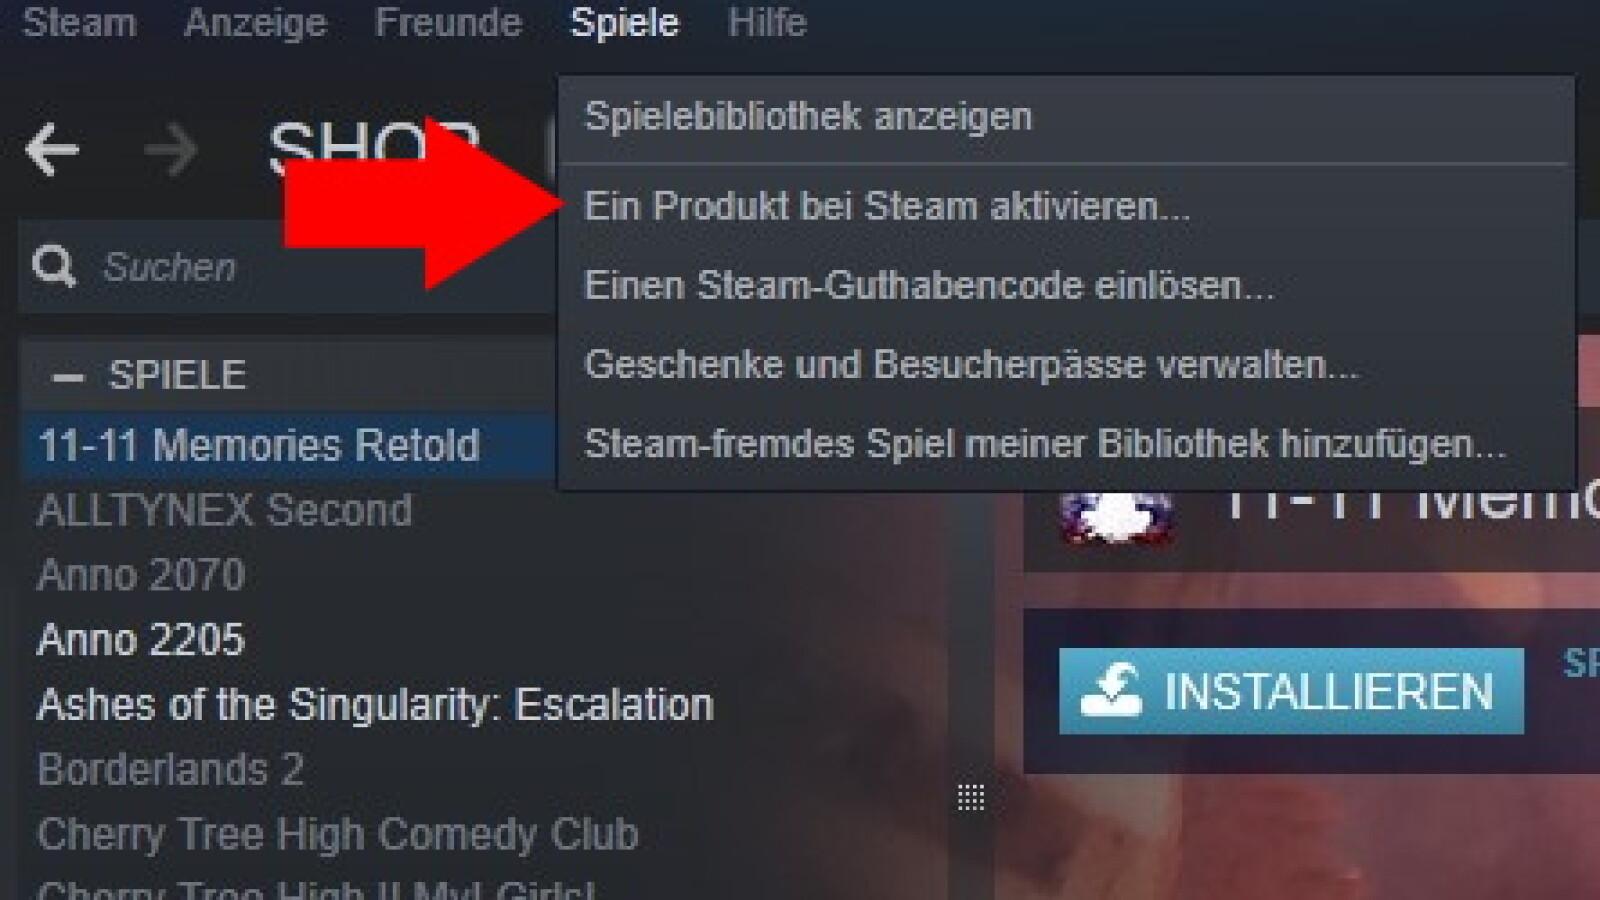 Computer Bild Spiele Steam Code Einl?Sen - jasia fanny